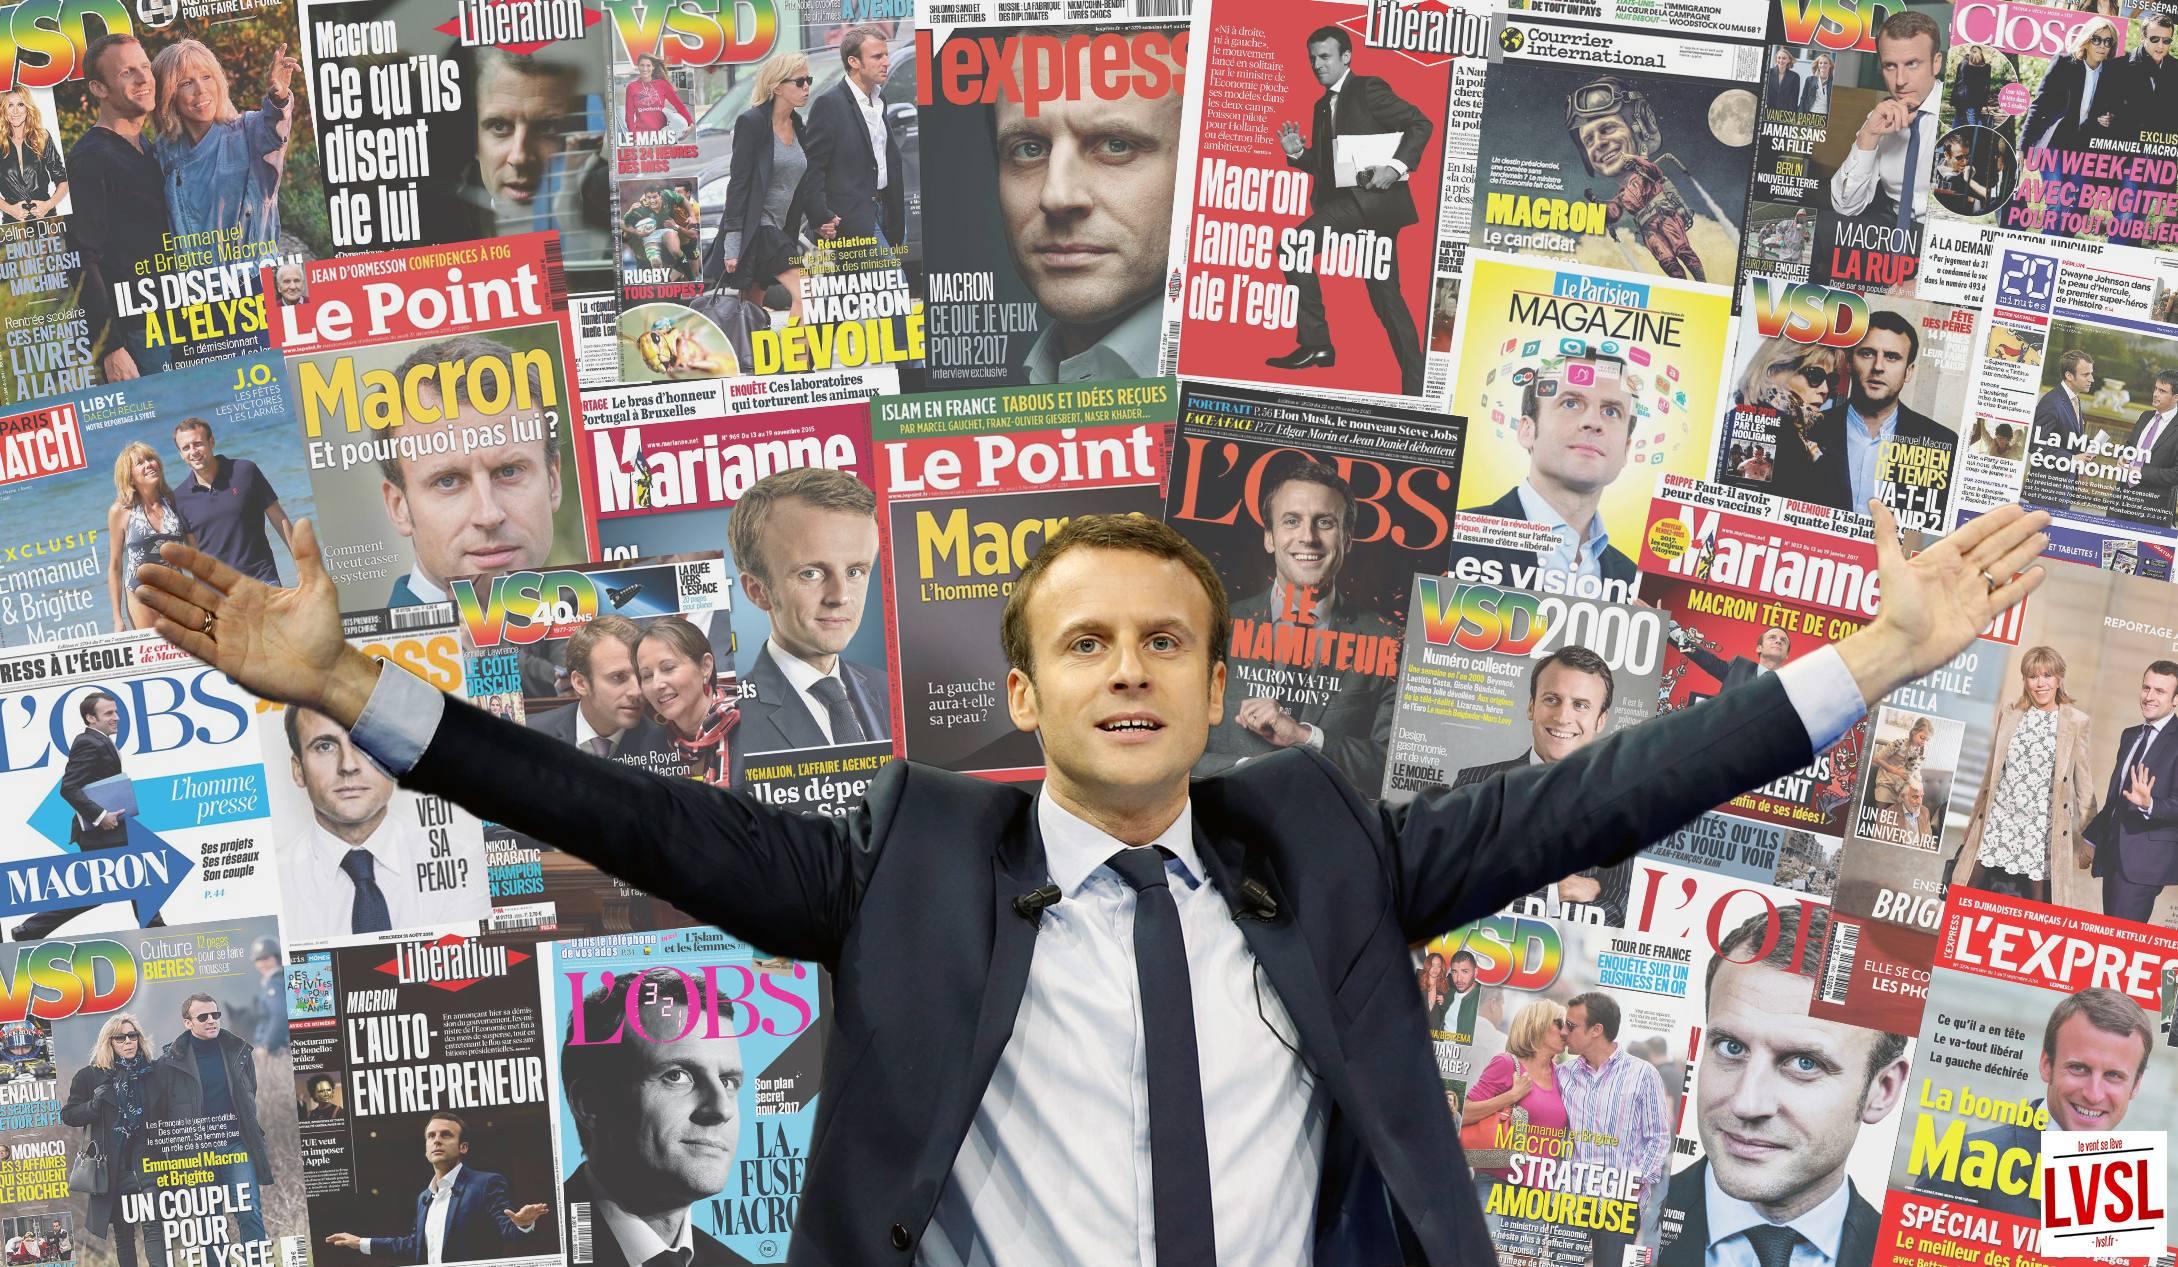 Bravo et Bon Courage Président Macron !